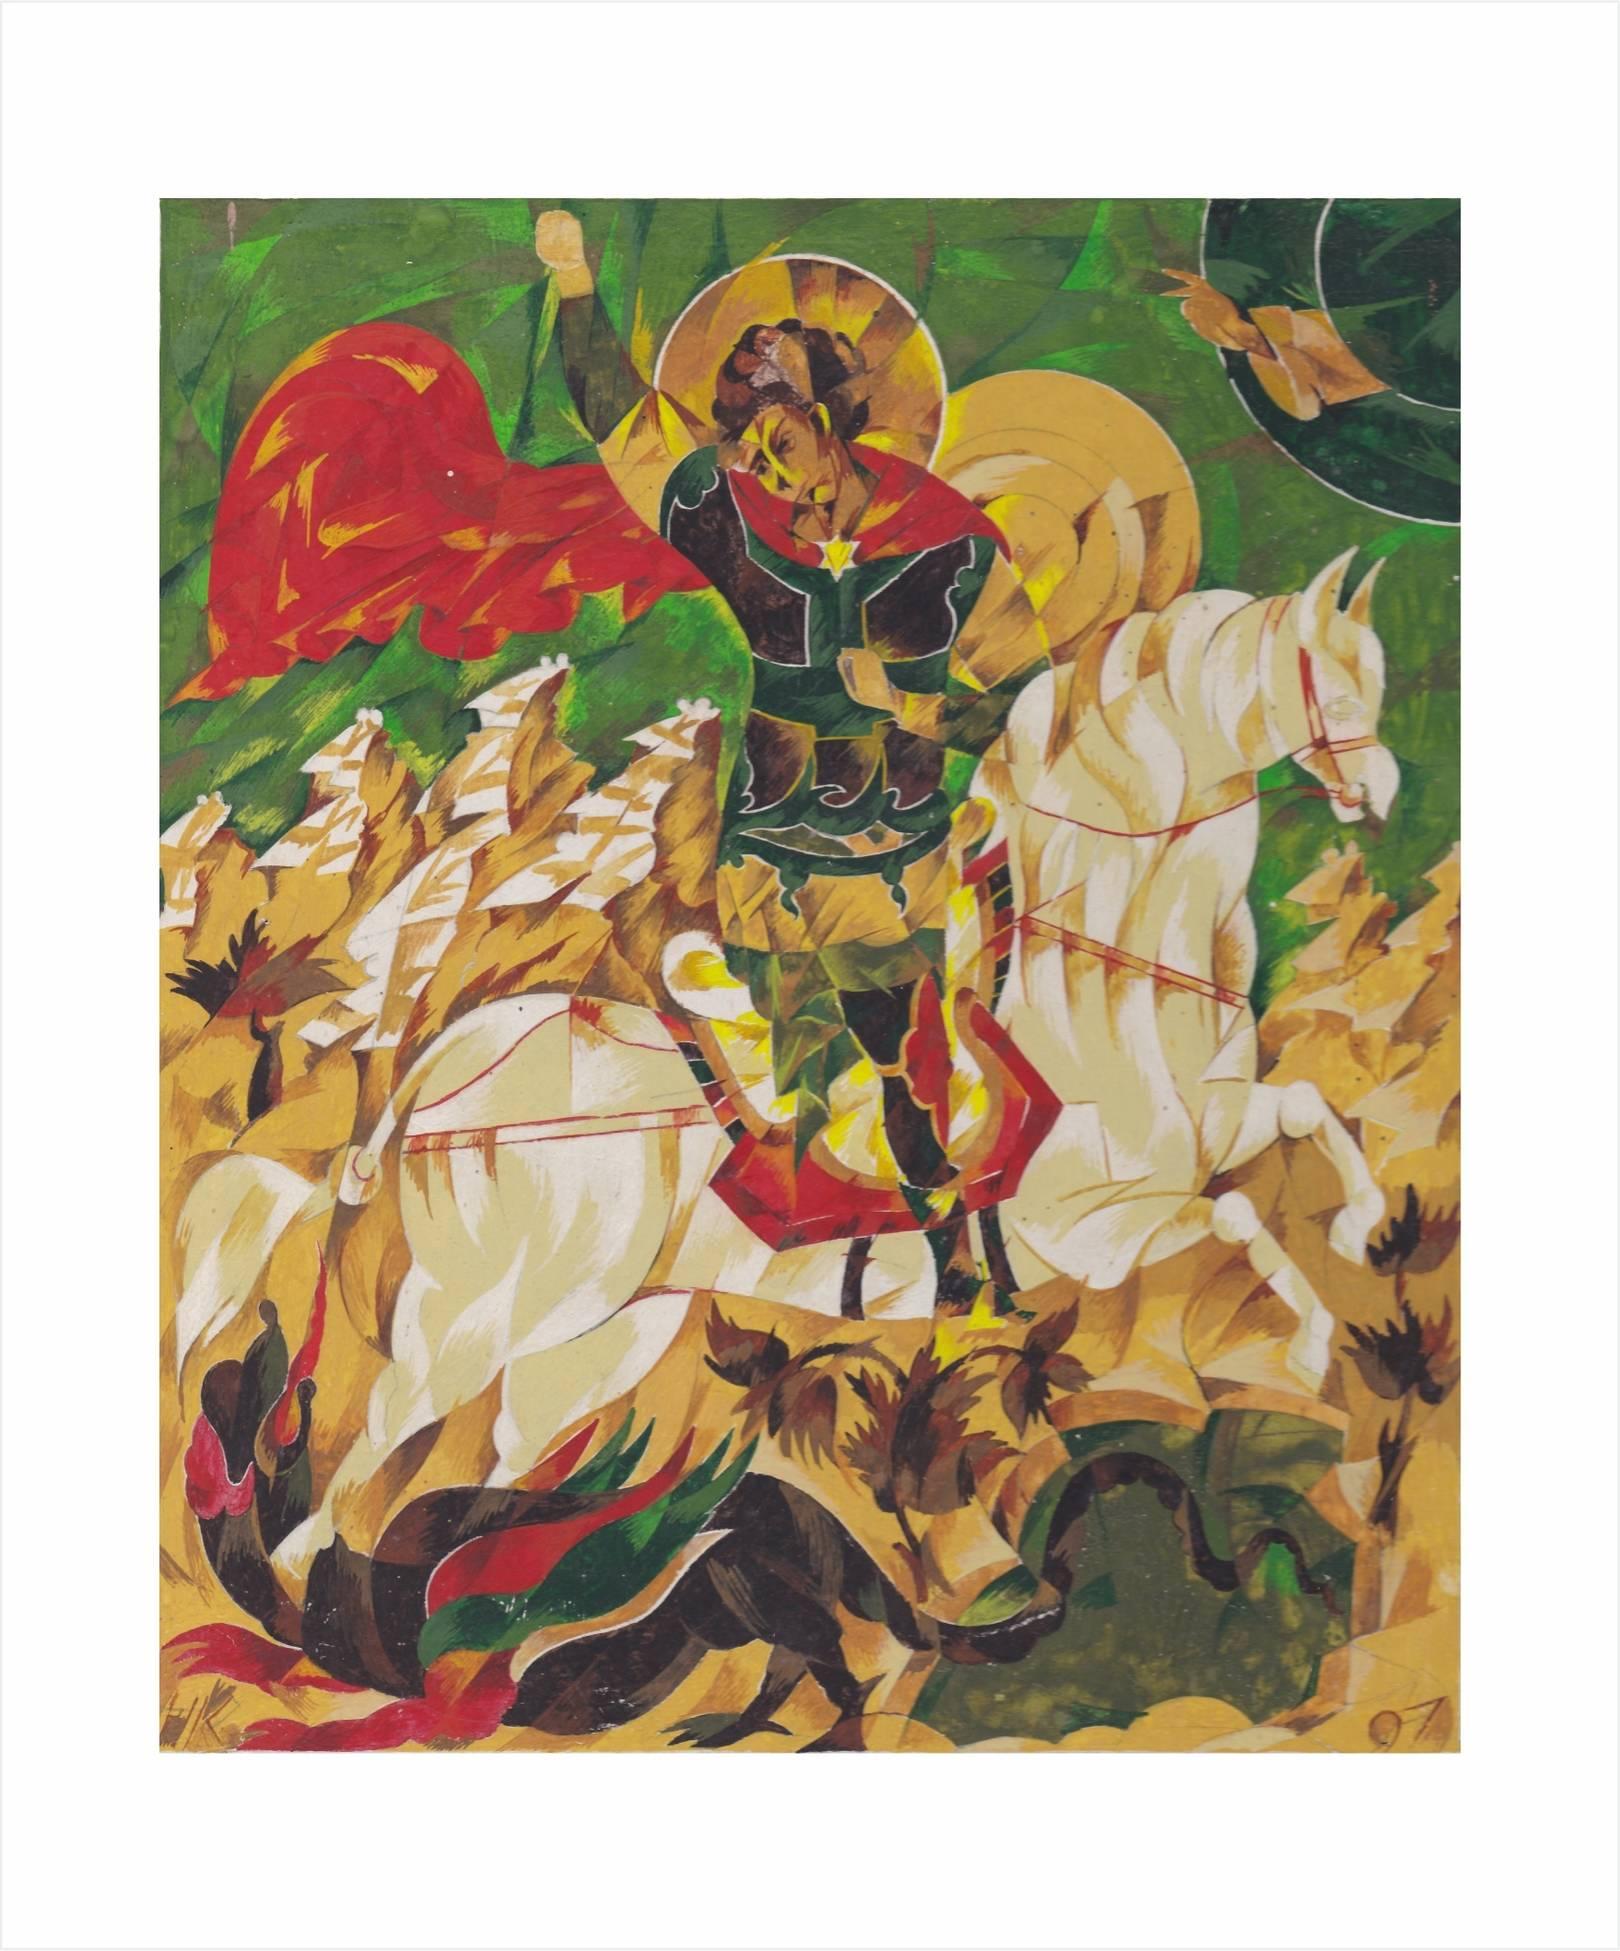 Георгий Победоносец. Эскиз в стиле кубизма.